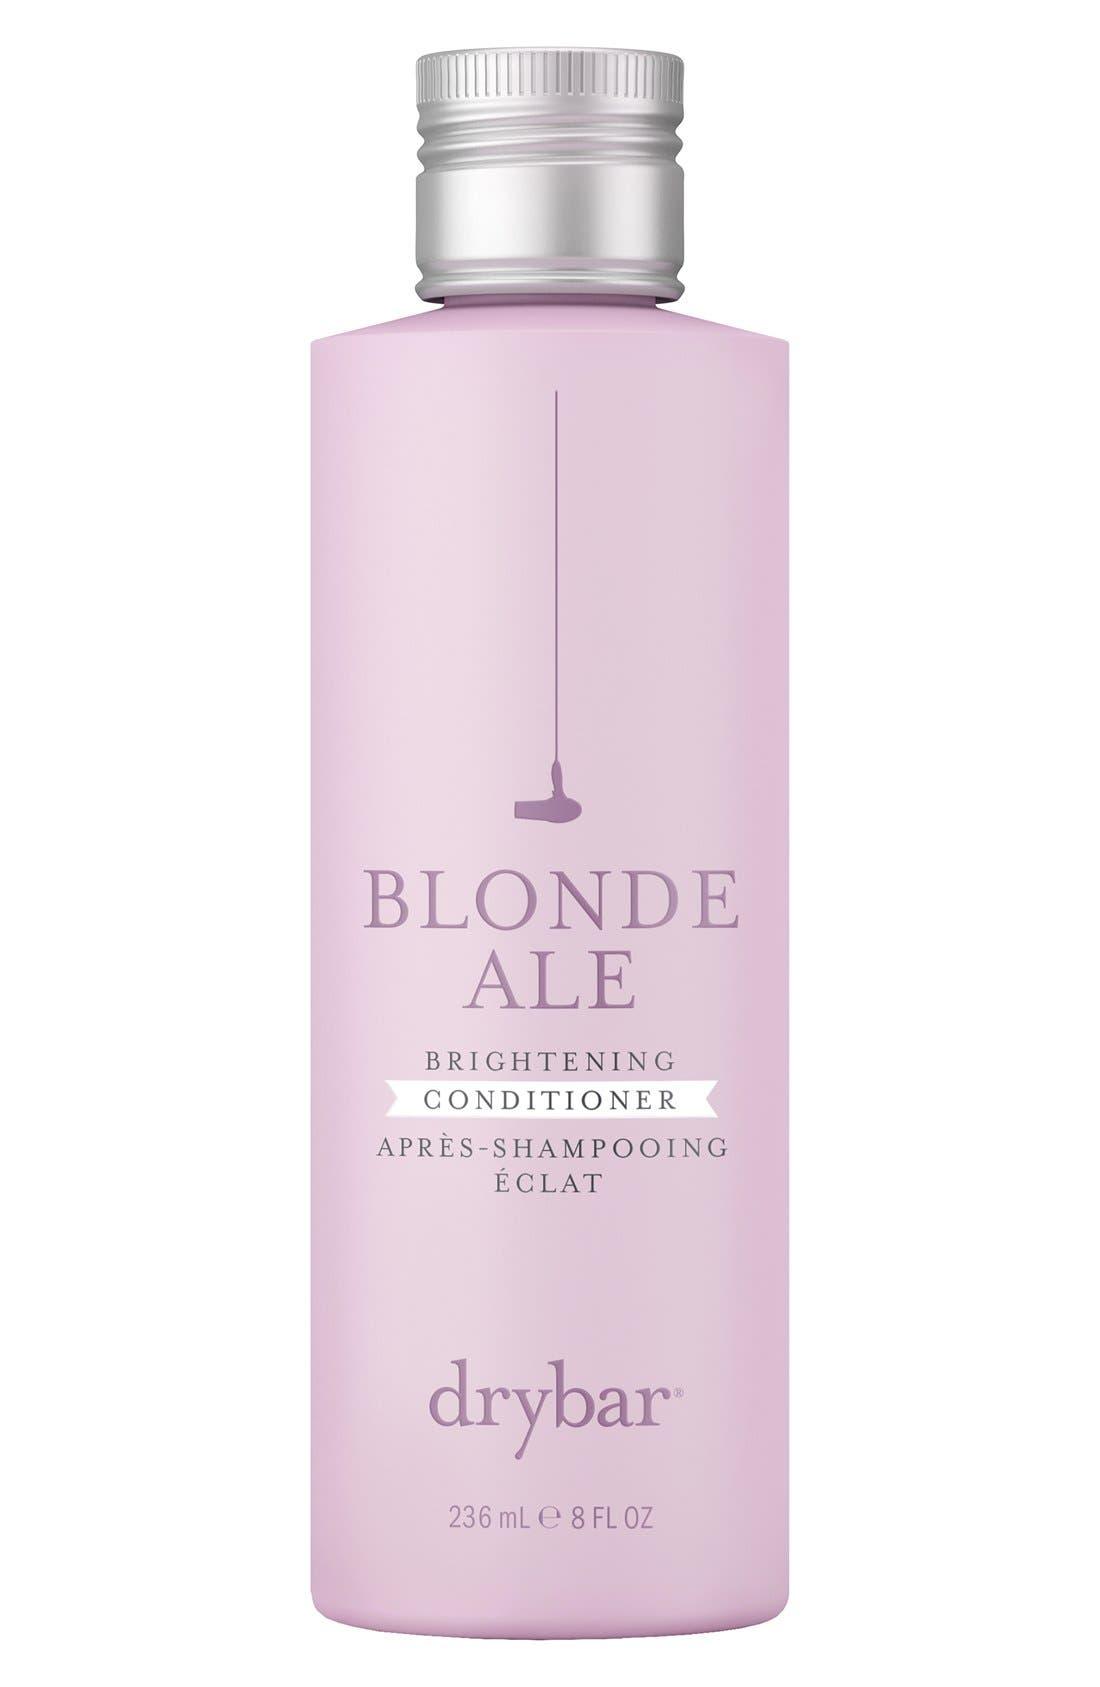 Drybar 'Blonde Ale' Brightening Conditioner